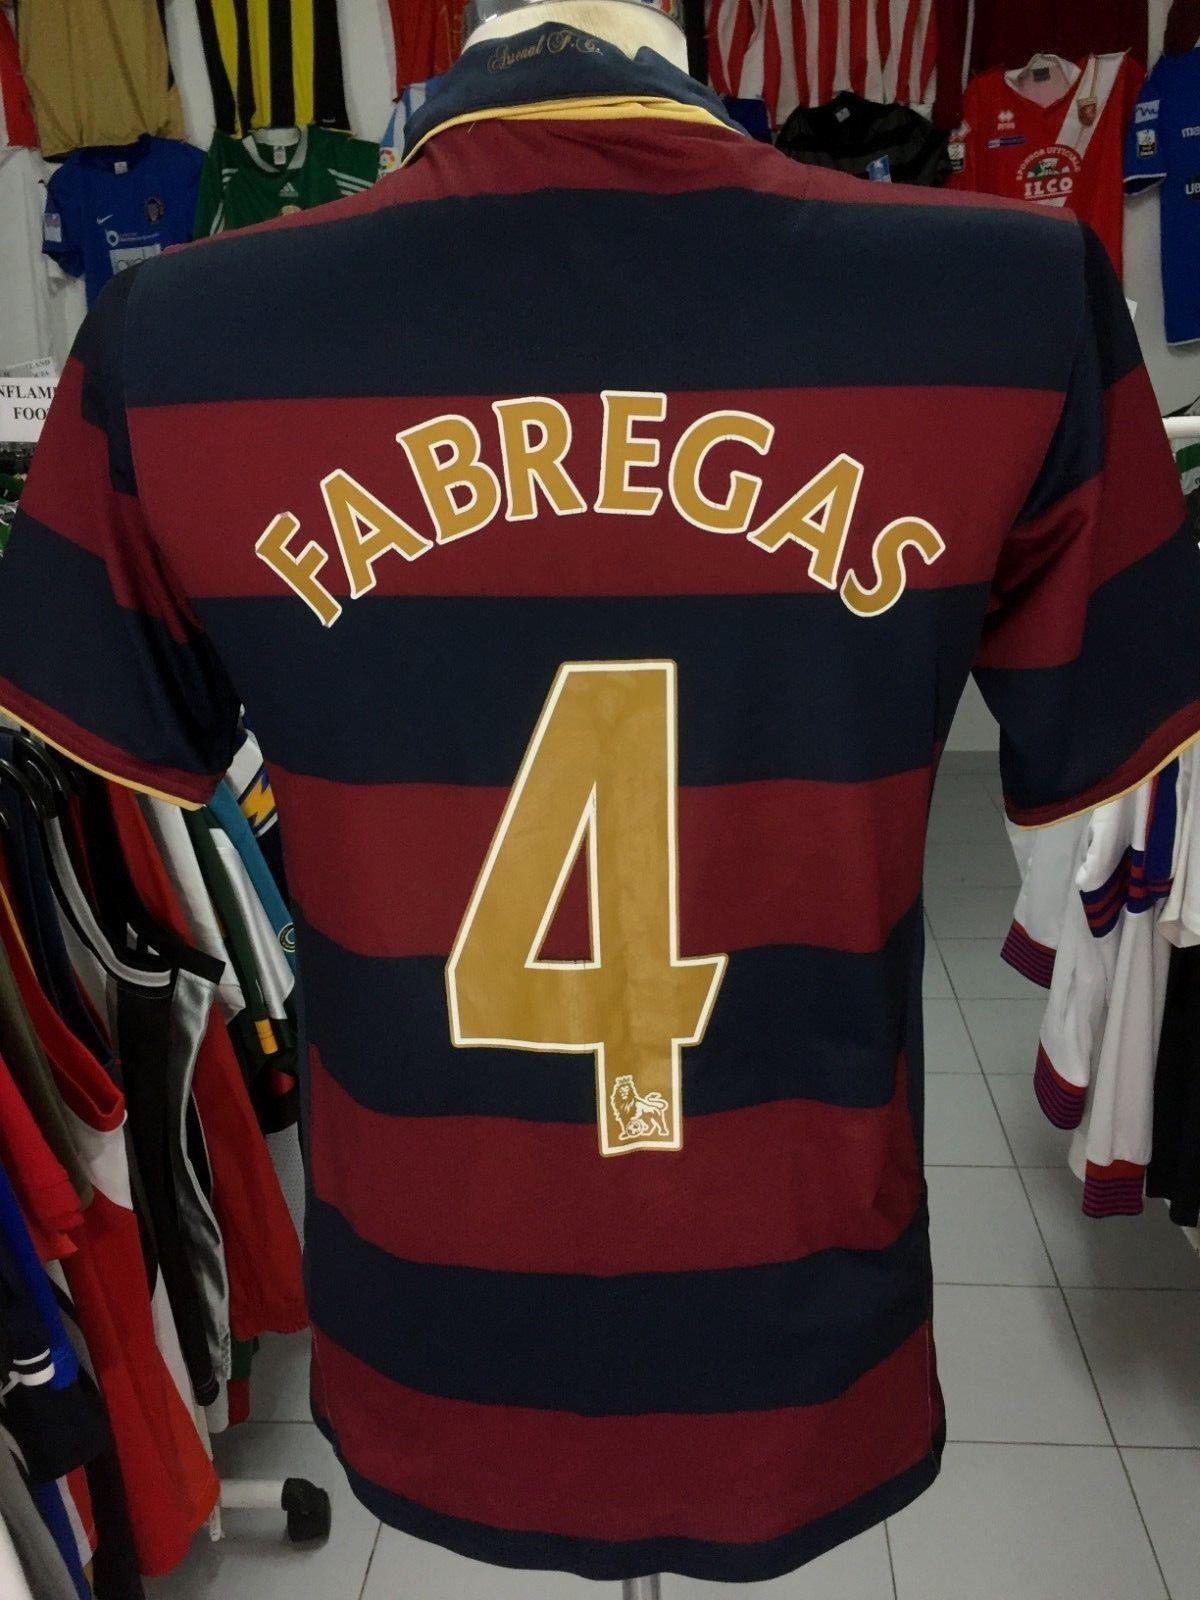 5e9e699d0a3 Arsenal FC 3rd Kit Shirt 2007-08 (Kids)  4 Fabregas Camisola Nike ...